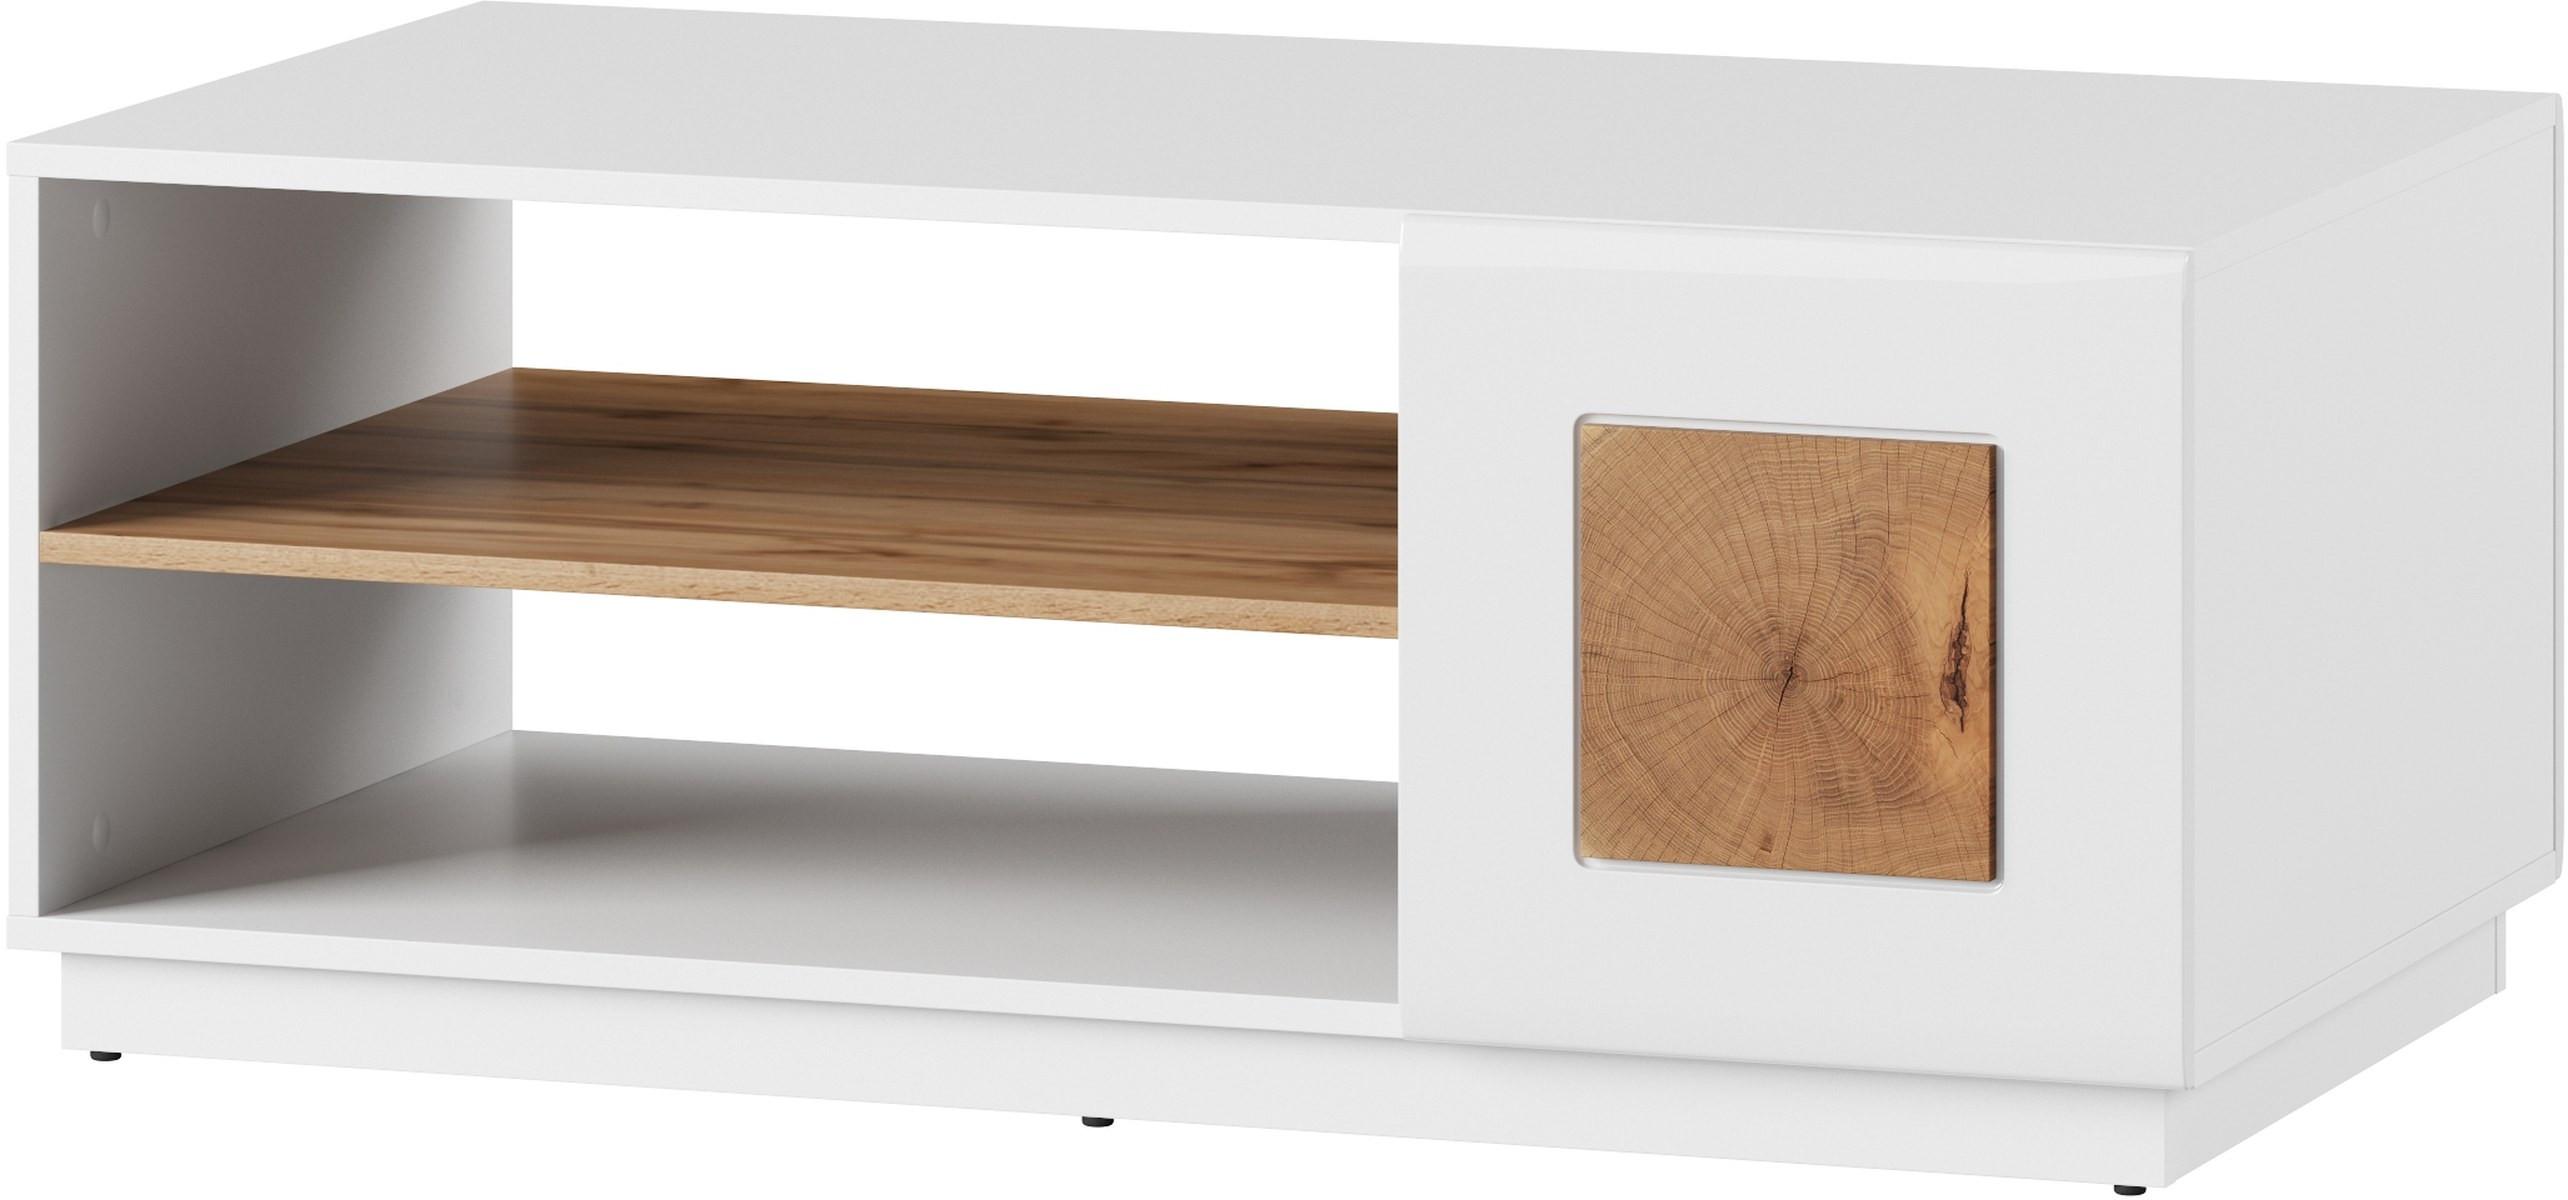 Stolik okolicznościowy Wood 41